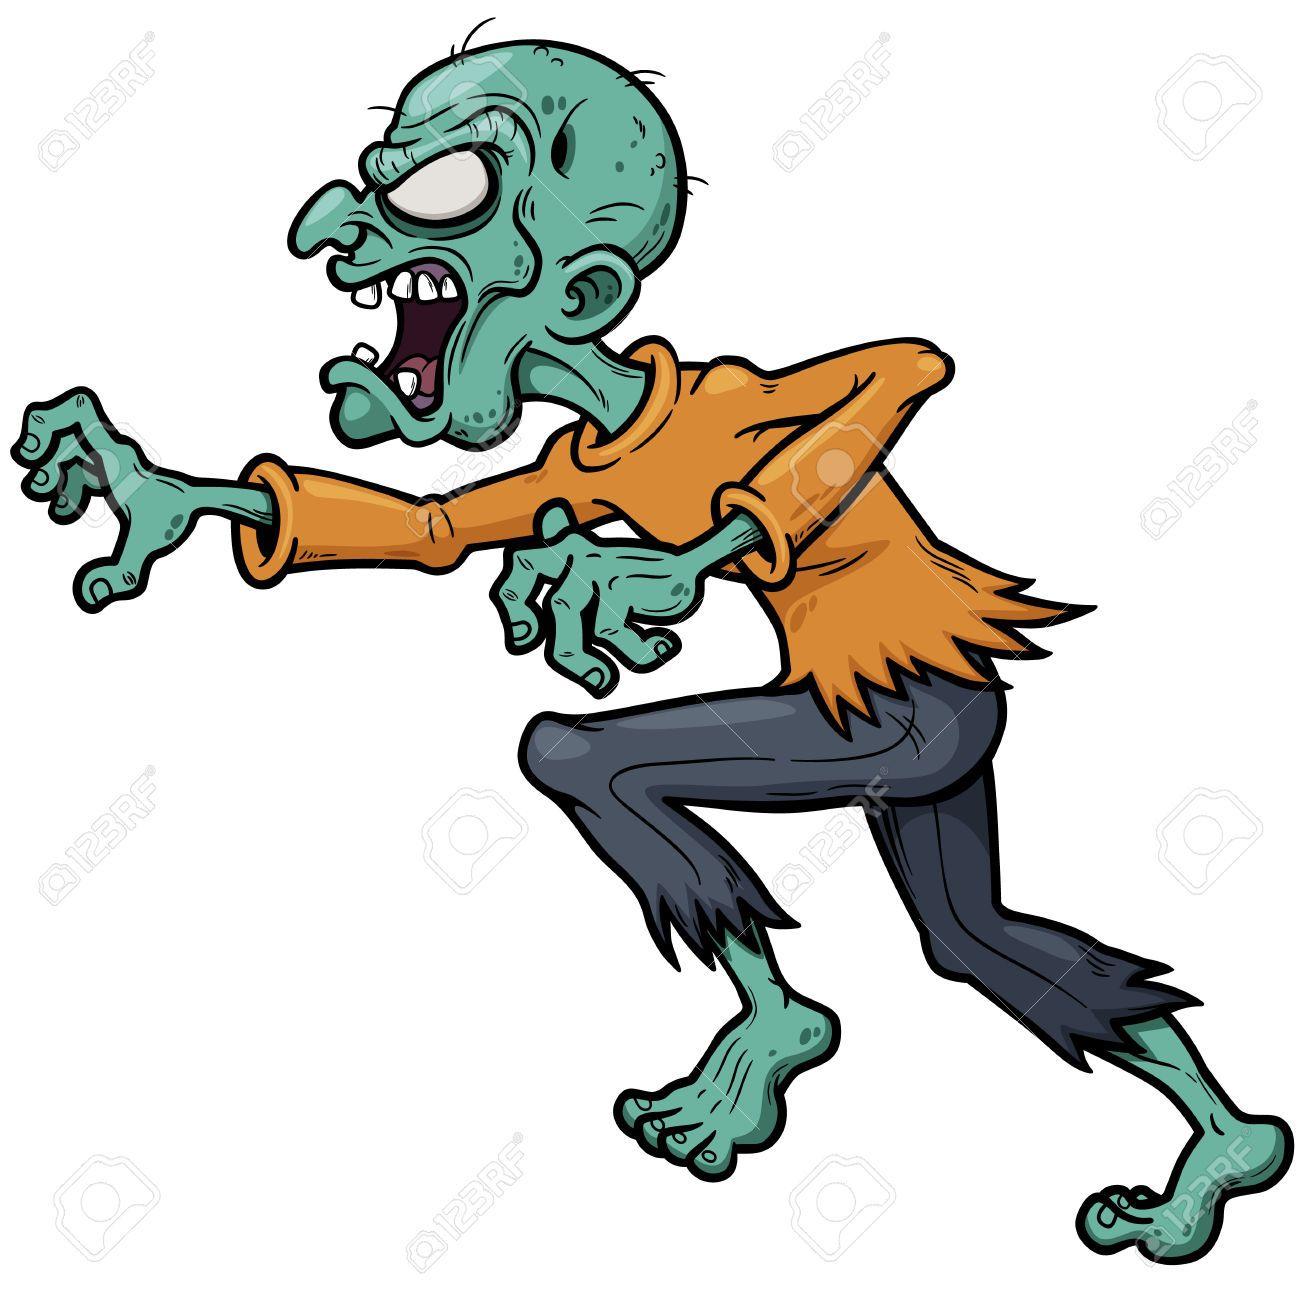 Vector Illustration Of Cartoon Zombie Running Zombie Cartoon Zombie Vector Vector Illustration